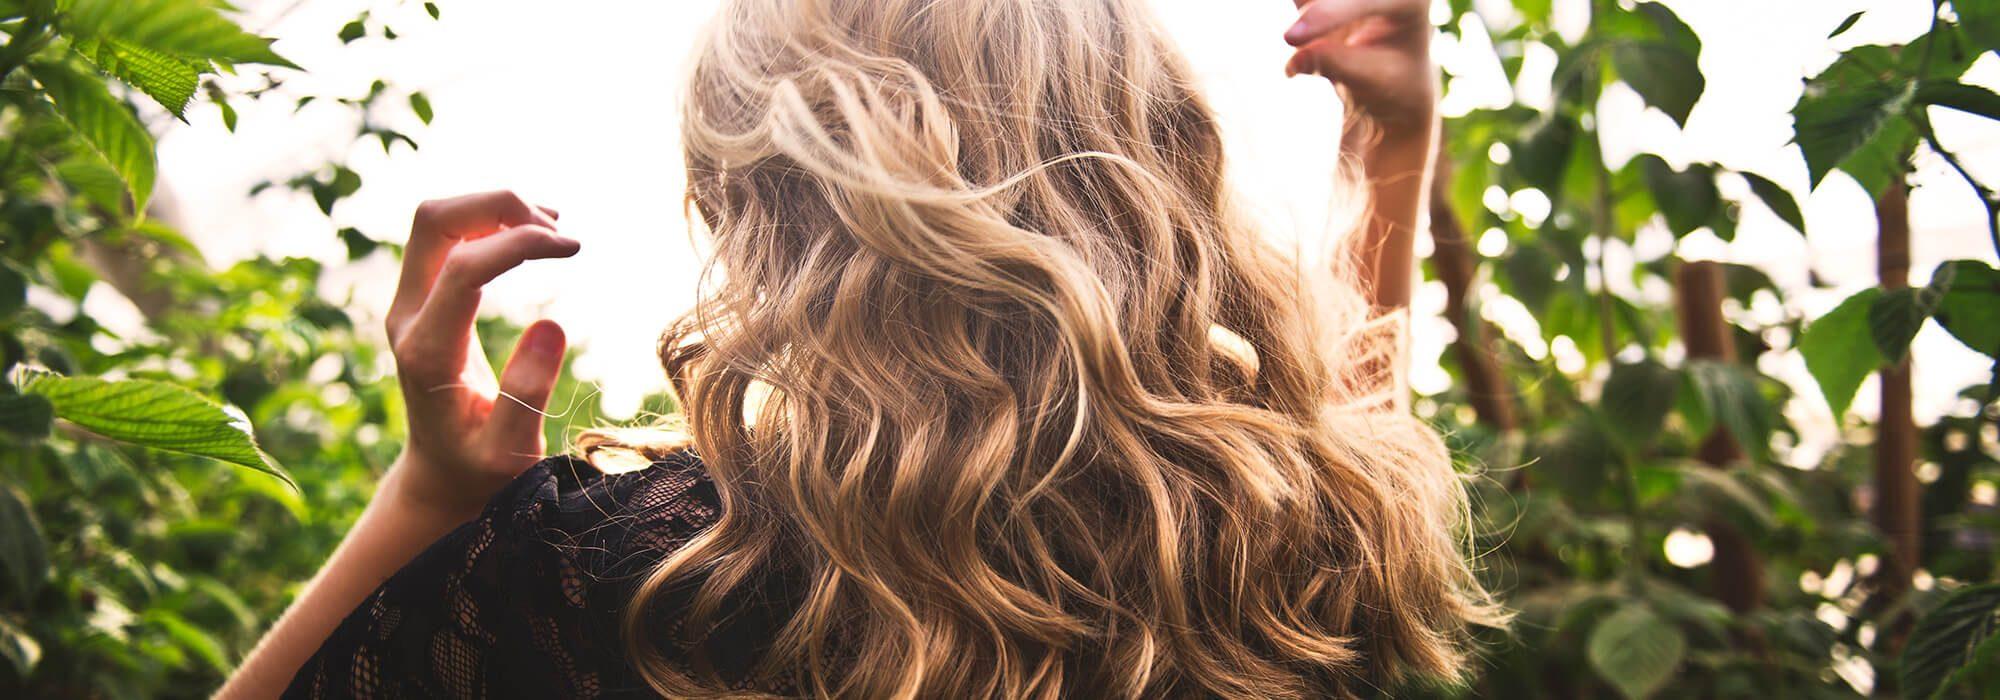 Melanie Brown Hair Beauty Slider 1